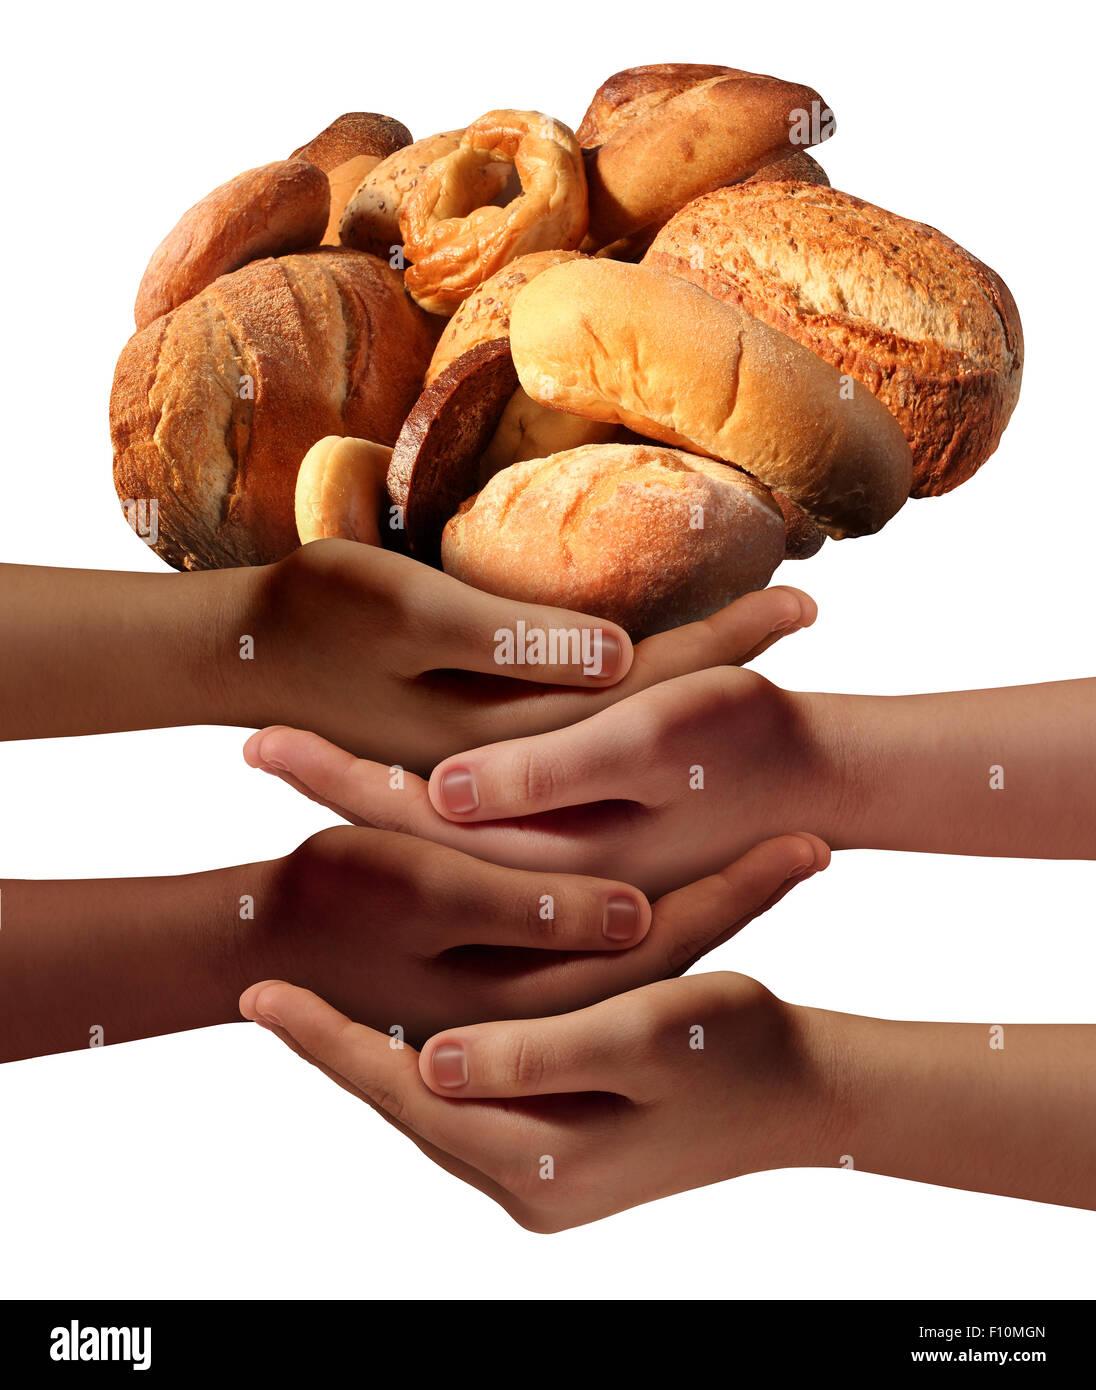 Nourrir les pauvres de la communauté concept d'assistance avec un groupe de mains de bienfaisance représentant Photo Stock